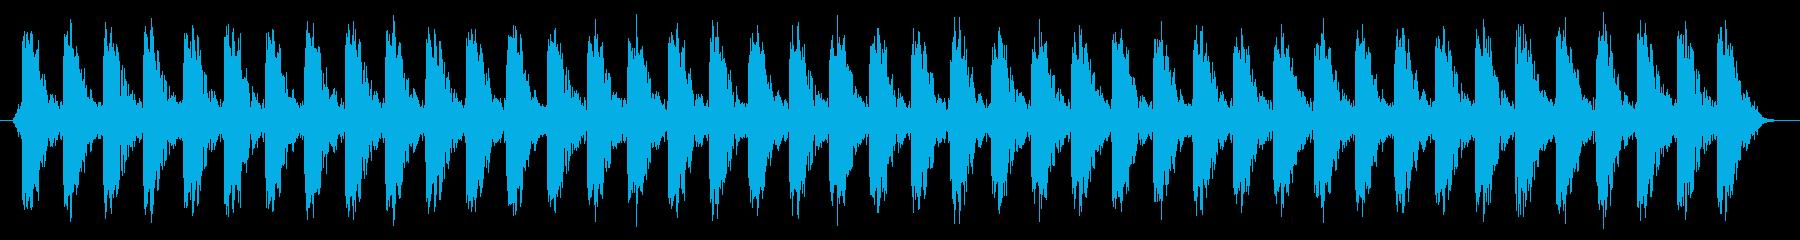 デジタル電子効果によるエンジンハム...の再生済みの波形